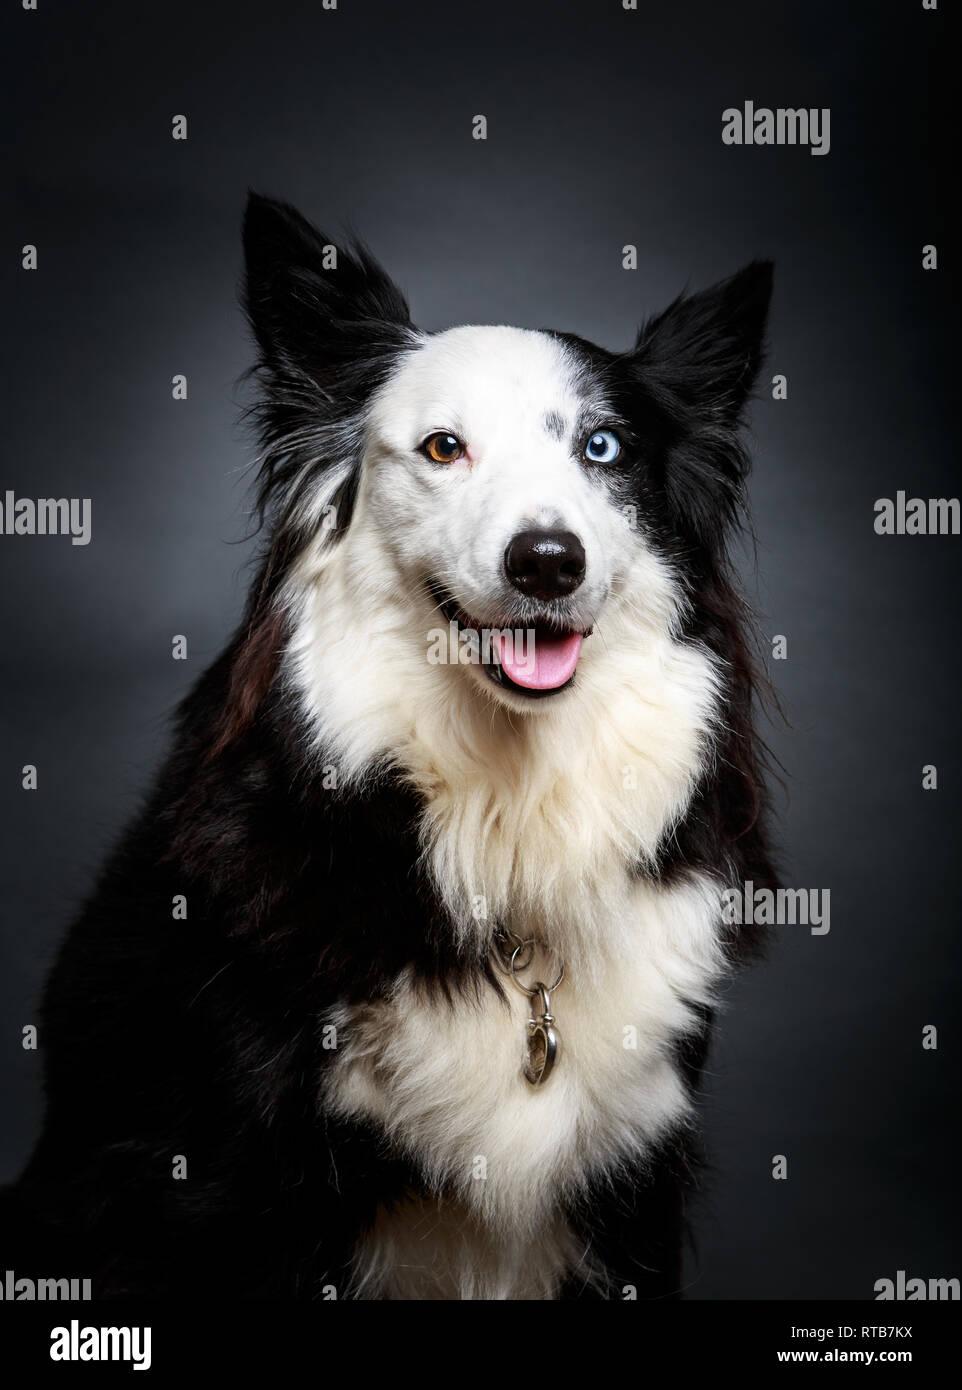 Lustig Hund mit anderen Augen Stockbild